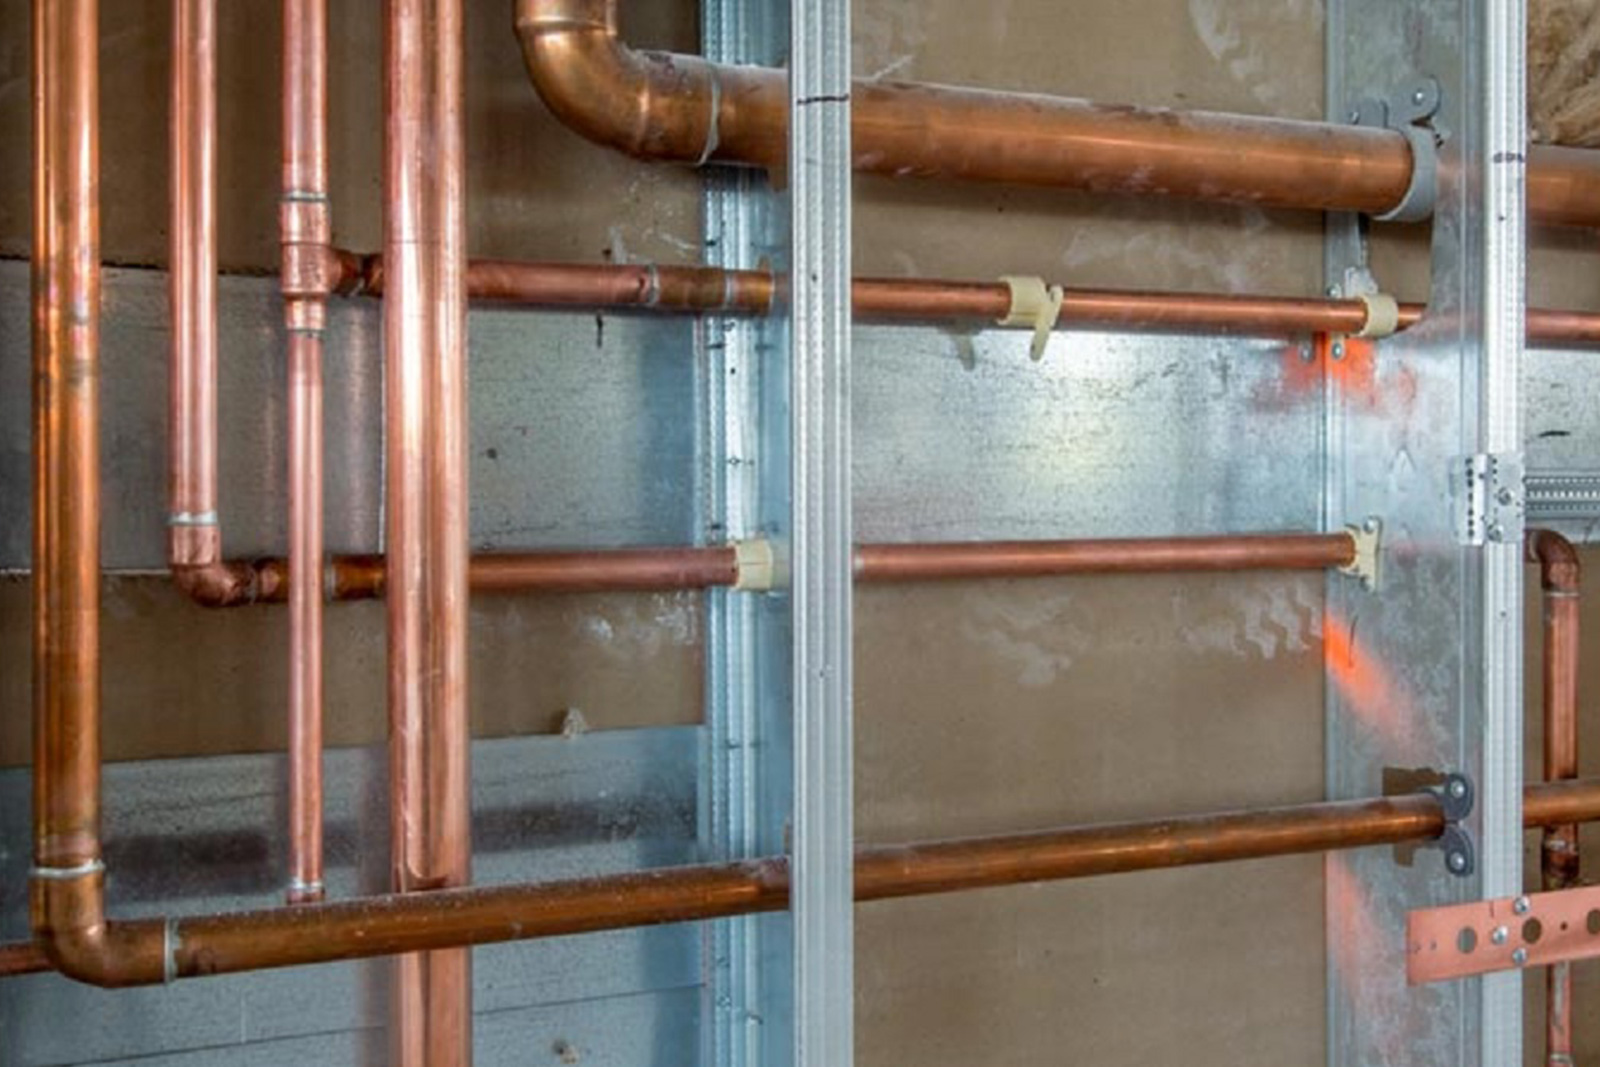 PLUMBINGENGINEERINGSERVICES -